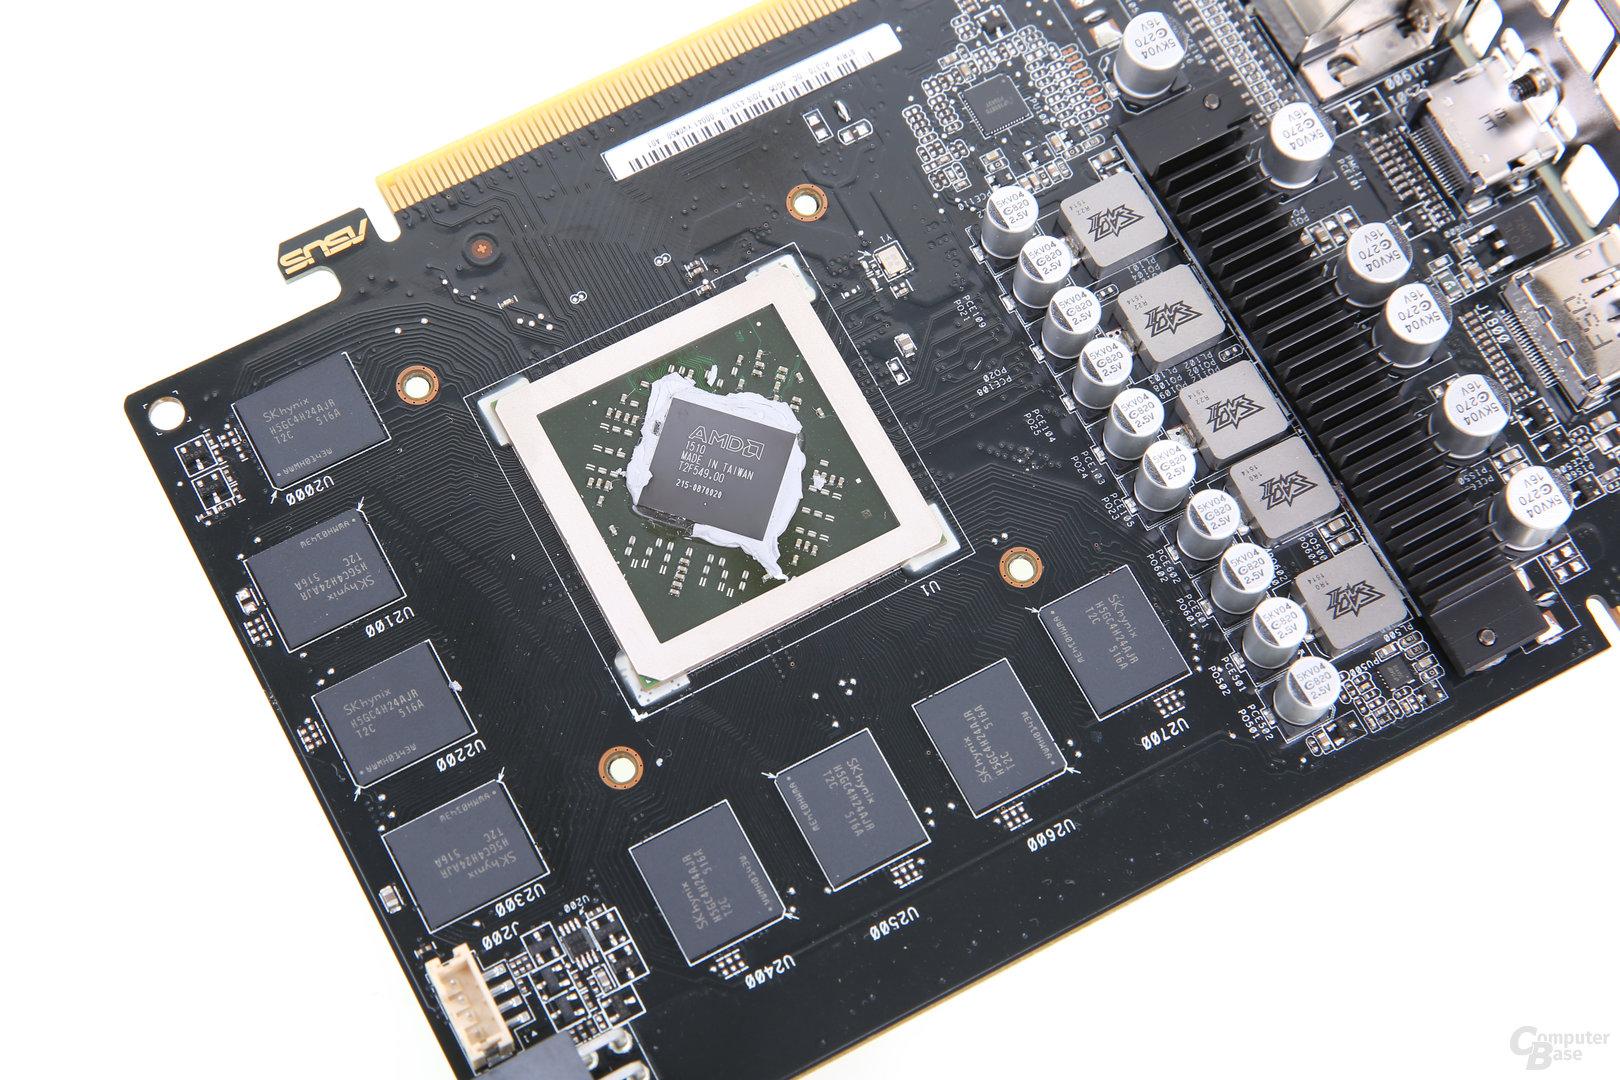 Pitcairn-GPU auf der Asus Radeon R7 370 Strix